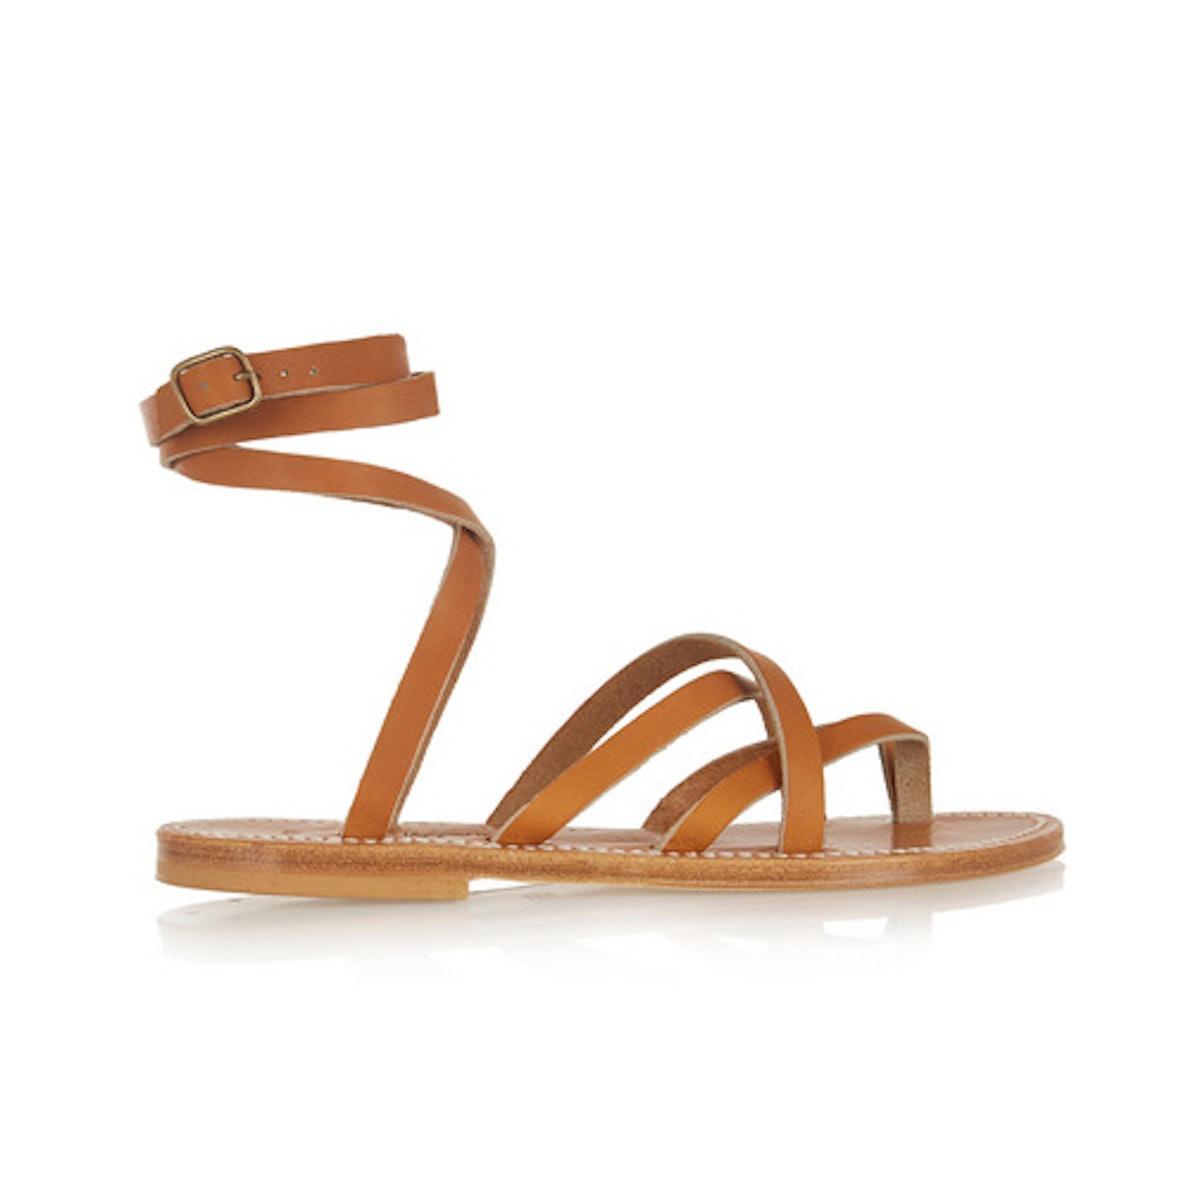 K.Jacques St Tropez Zenobie leather sandals